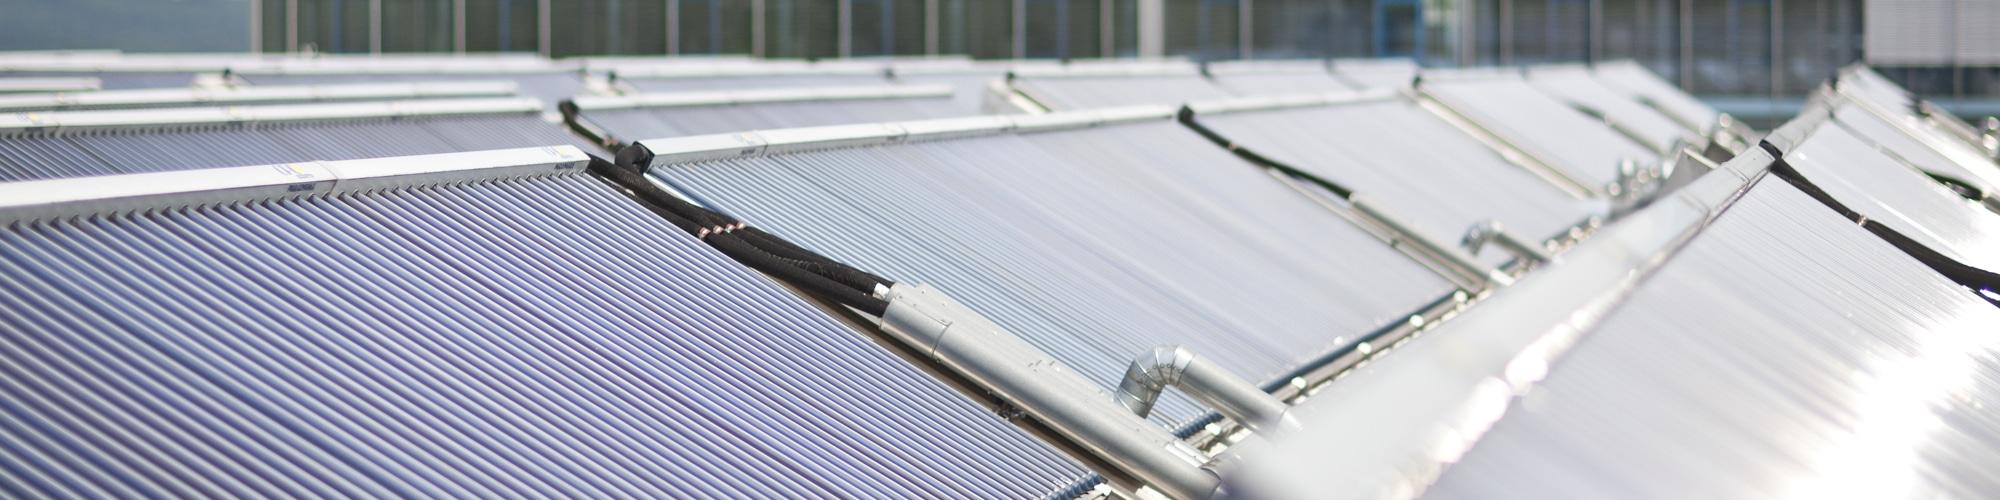 Solarthermie zum Heizen und Kühlen bei Festo in Esslingen